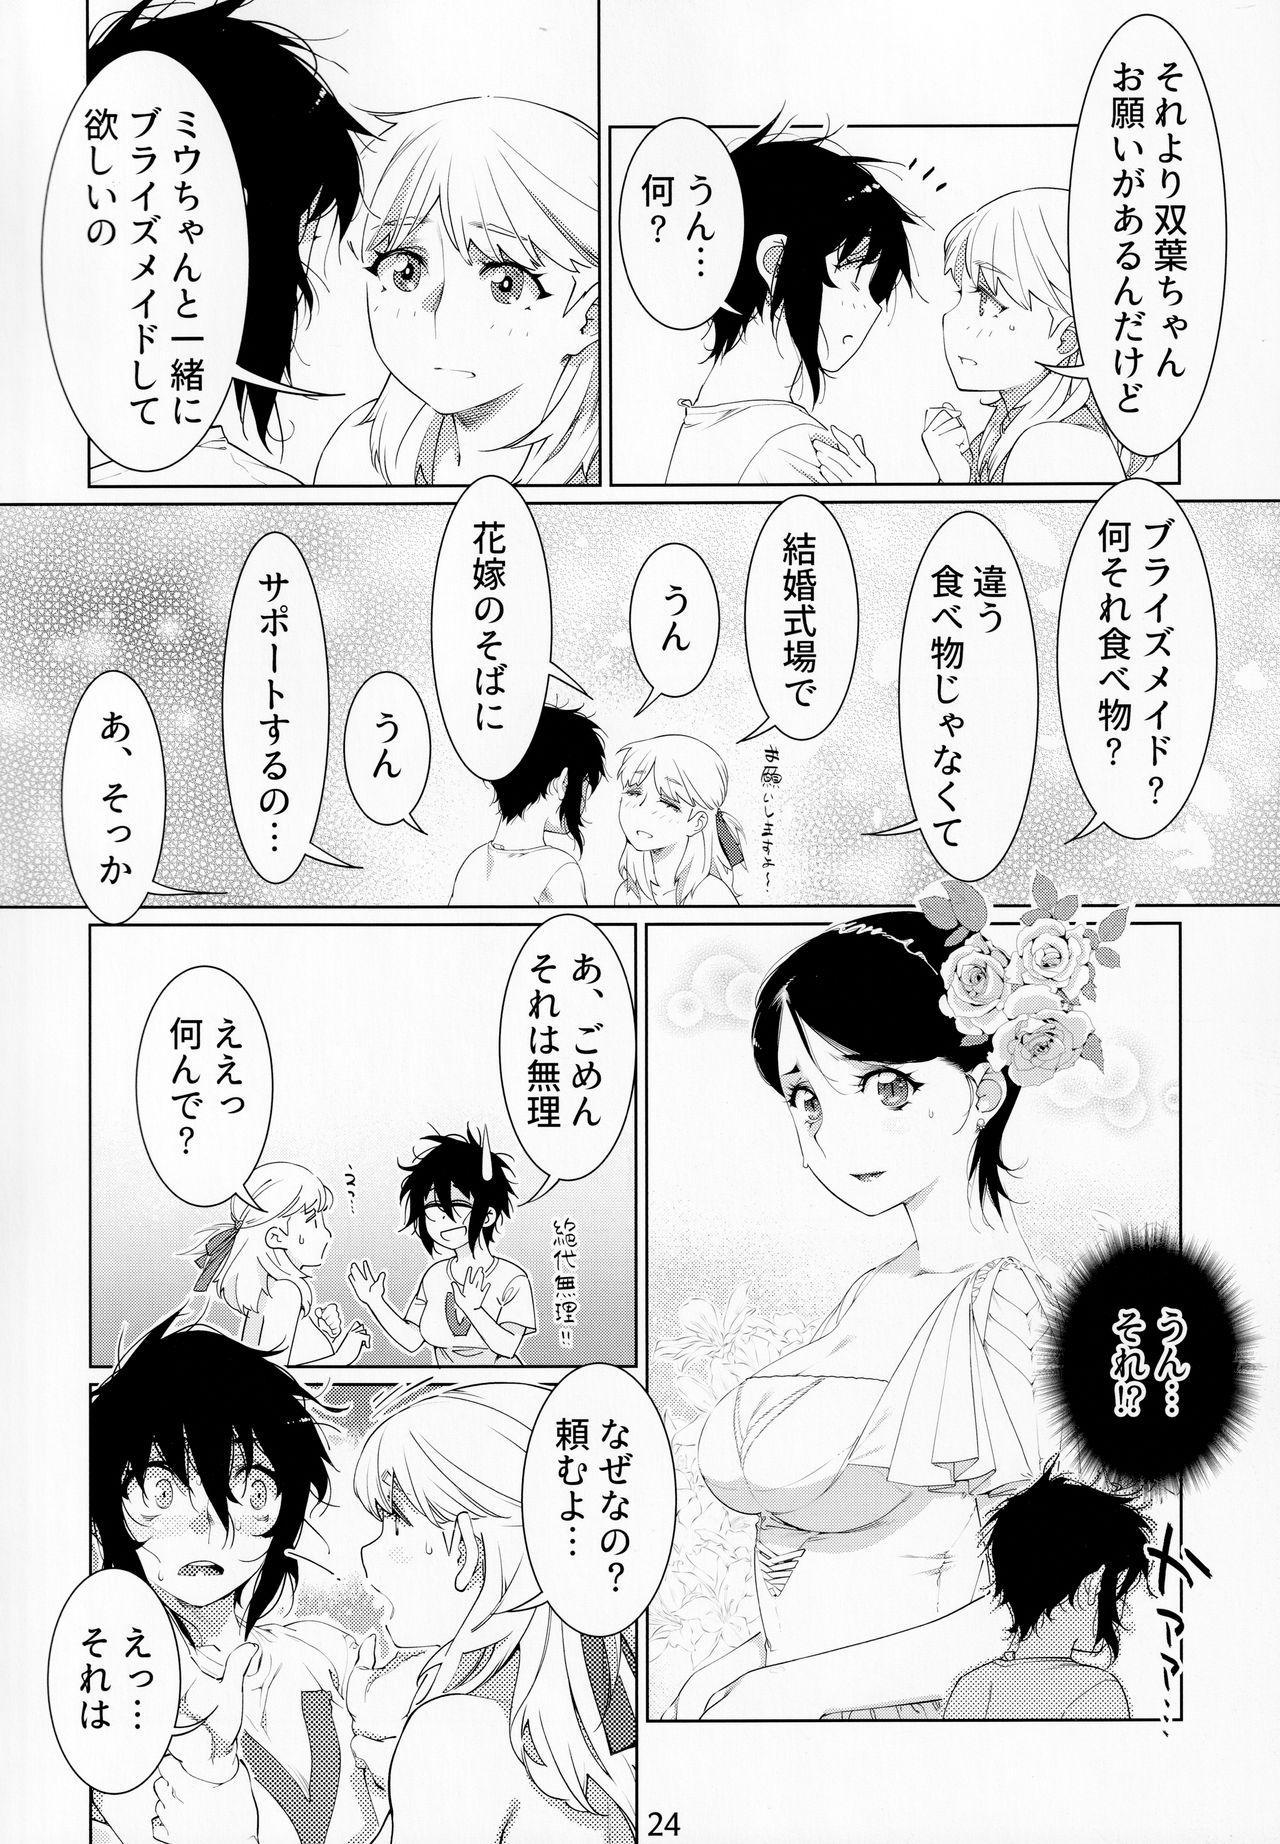 Otonano Omochiya Vol. 14 22